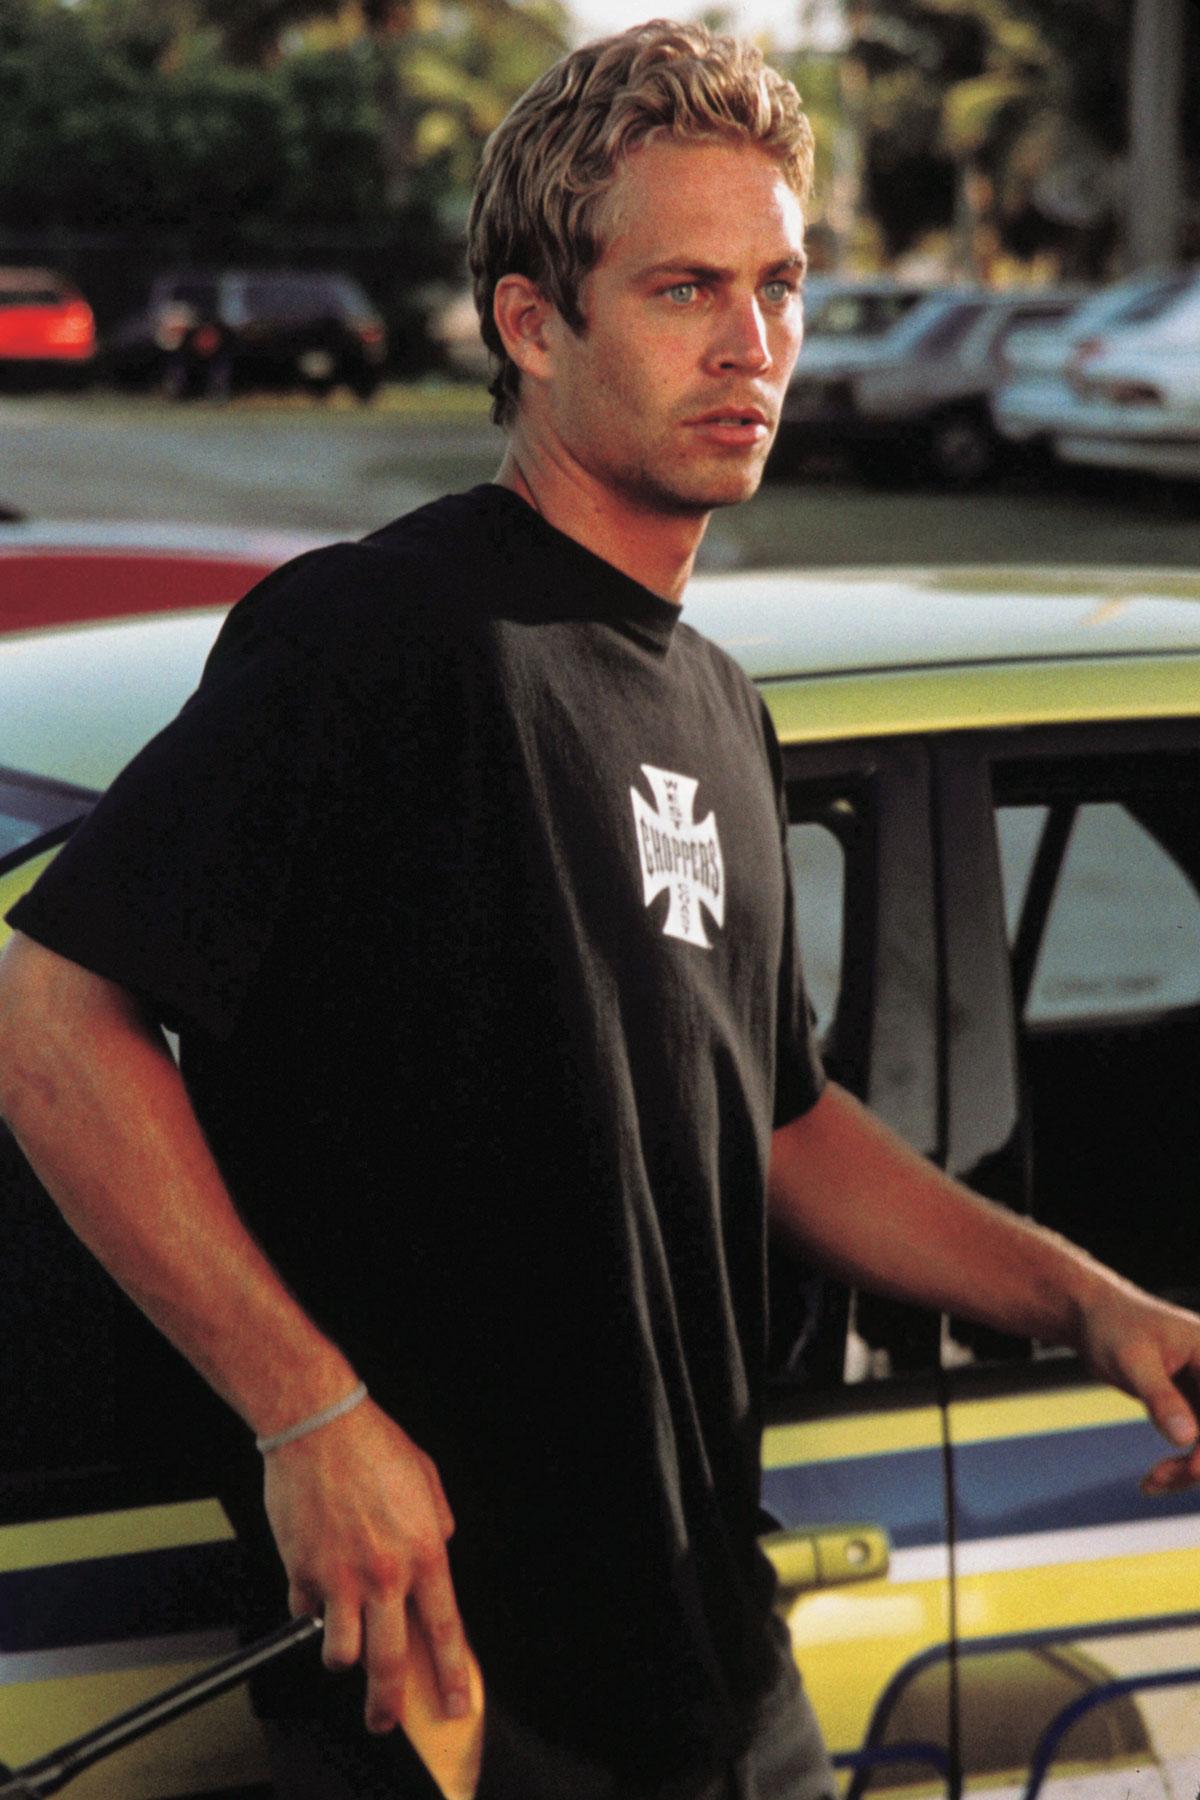 クルマと海とTシャツを愛した、最もLAセレブらしい男! ポール・ウォーカーを今も忘れない!